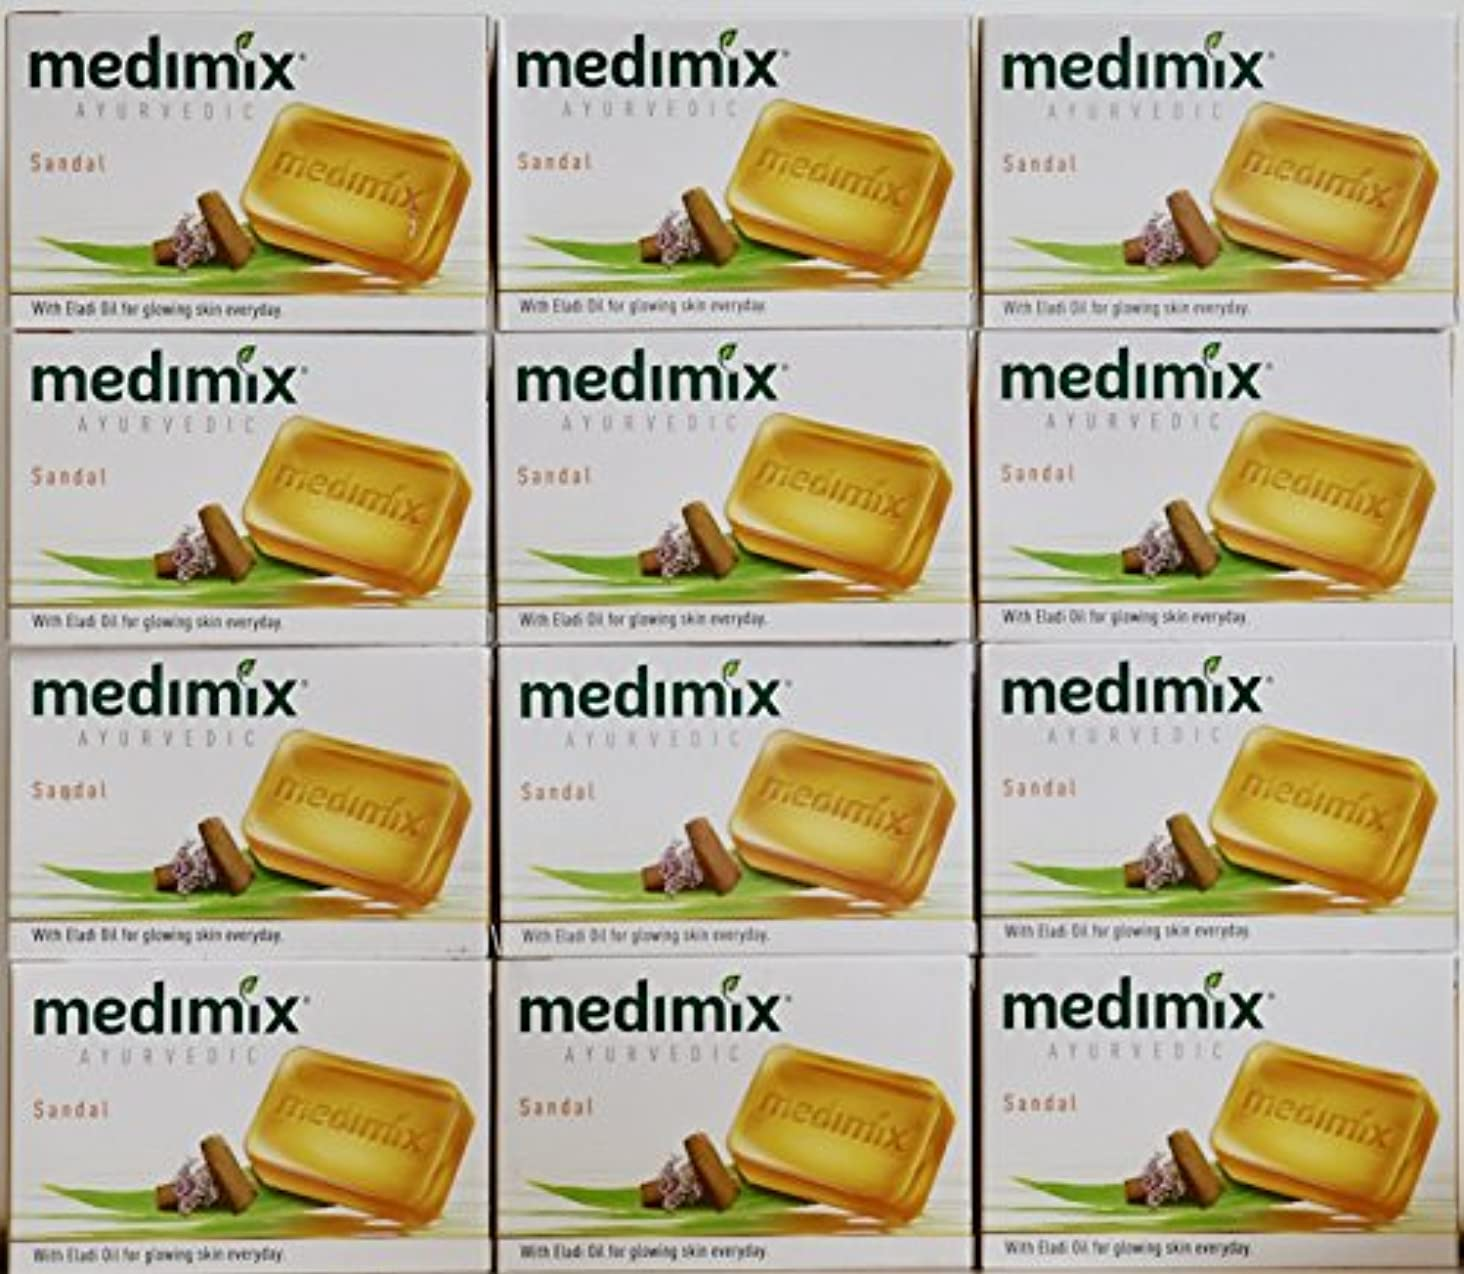 無力インストール倒産medimix メディミックス アーユルヴェディックサンダル 石鹸(旧商品名クラシックオレンジ))125g 12個入り